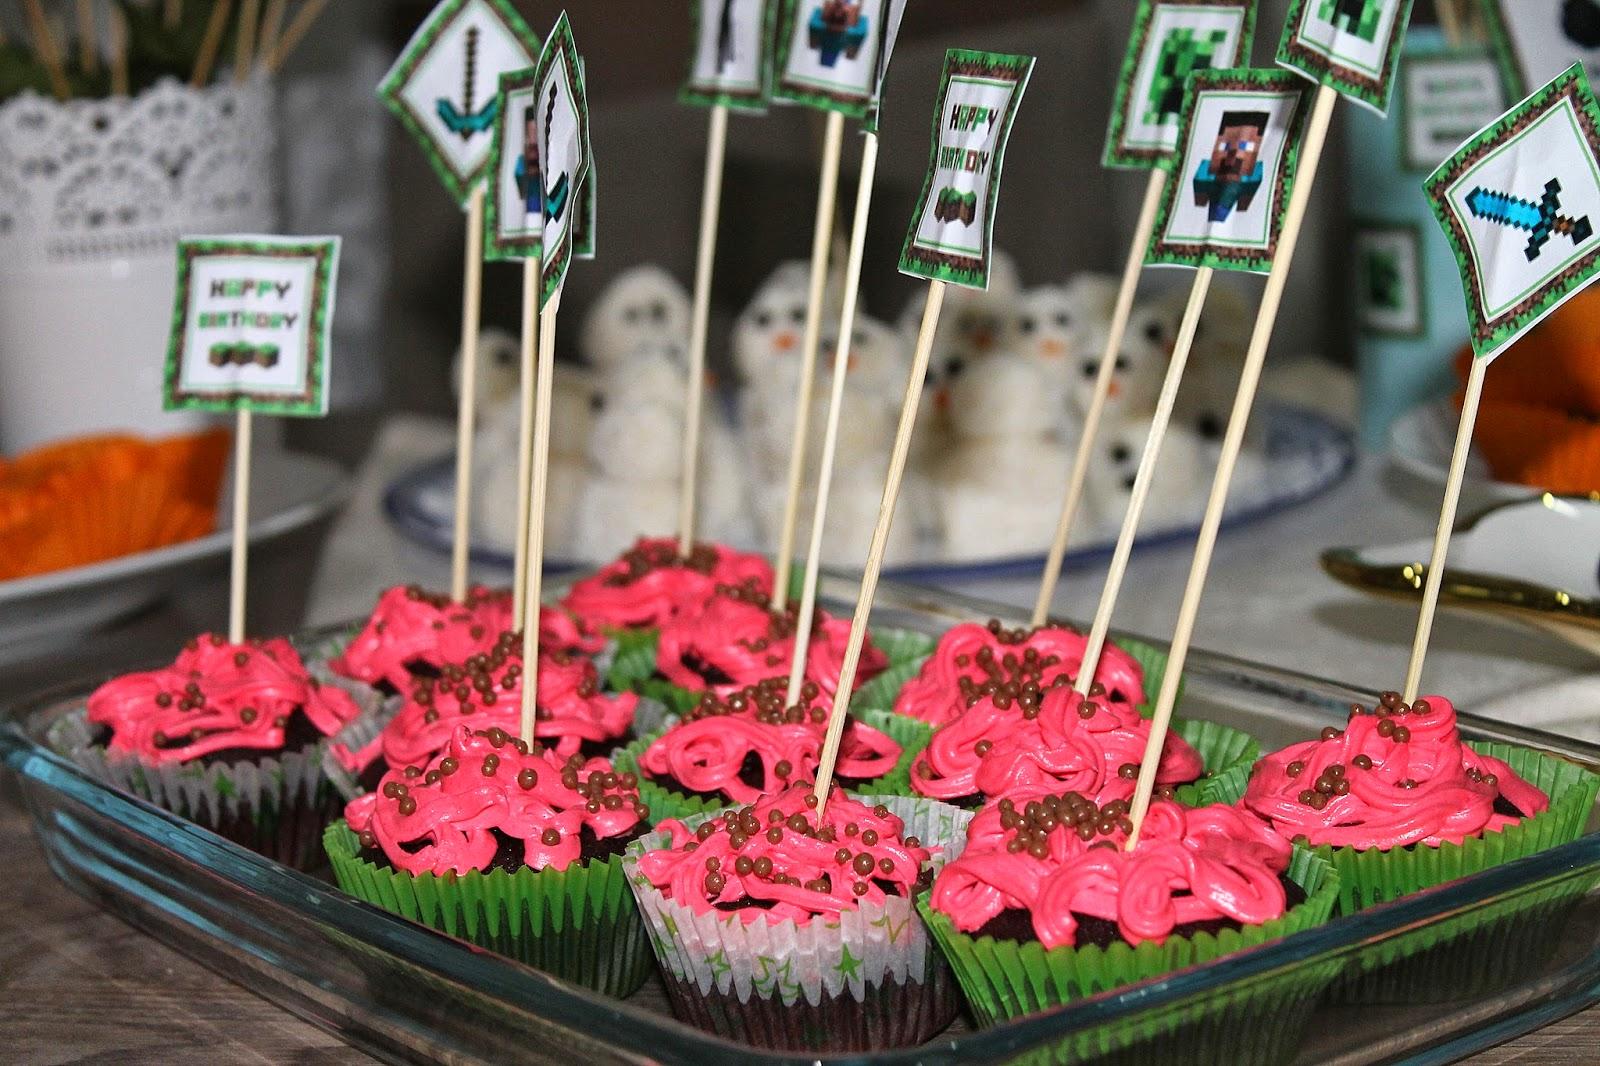 kap kek doğum günü menüsü